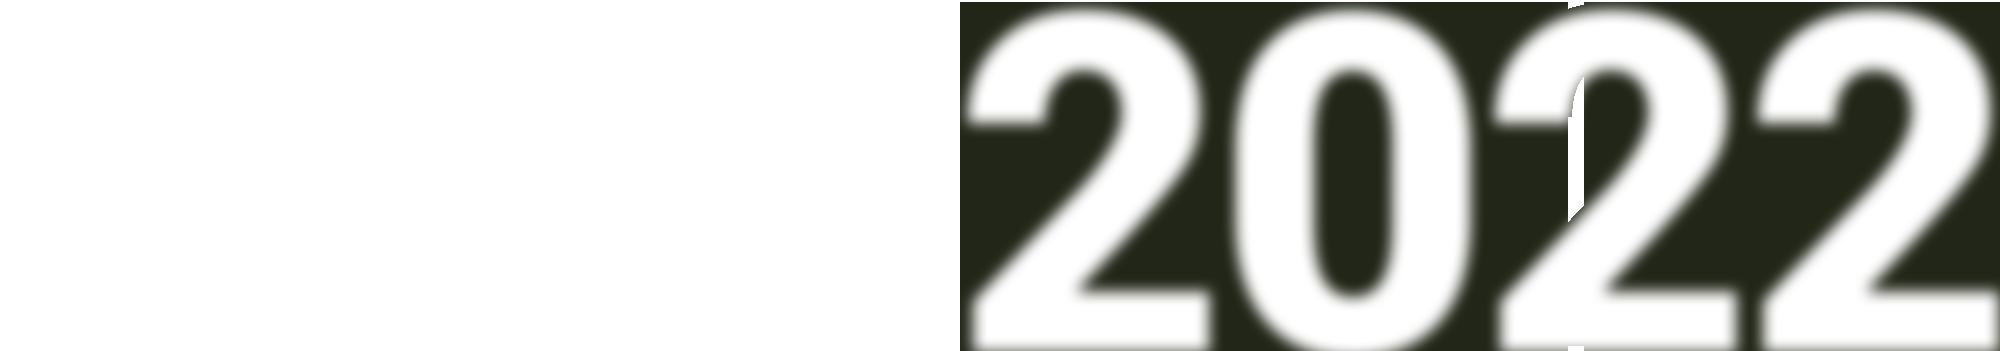 MSS2022